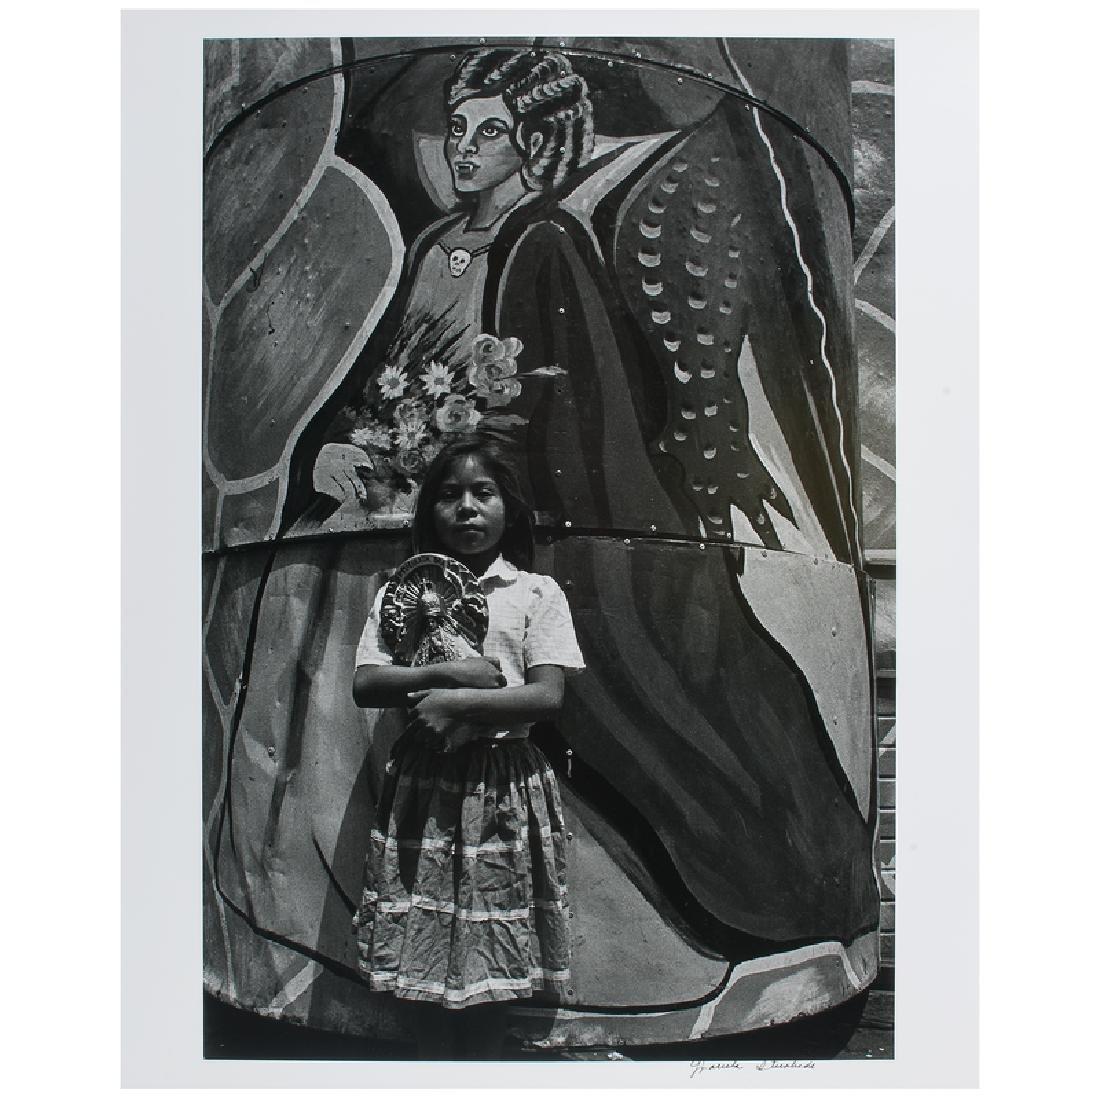 Graciela Iturbide (Mexican, b. 1942)